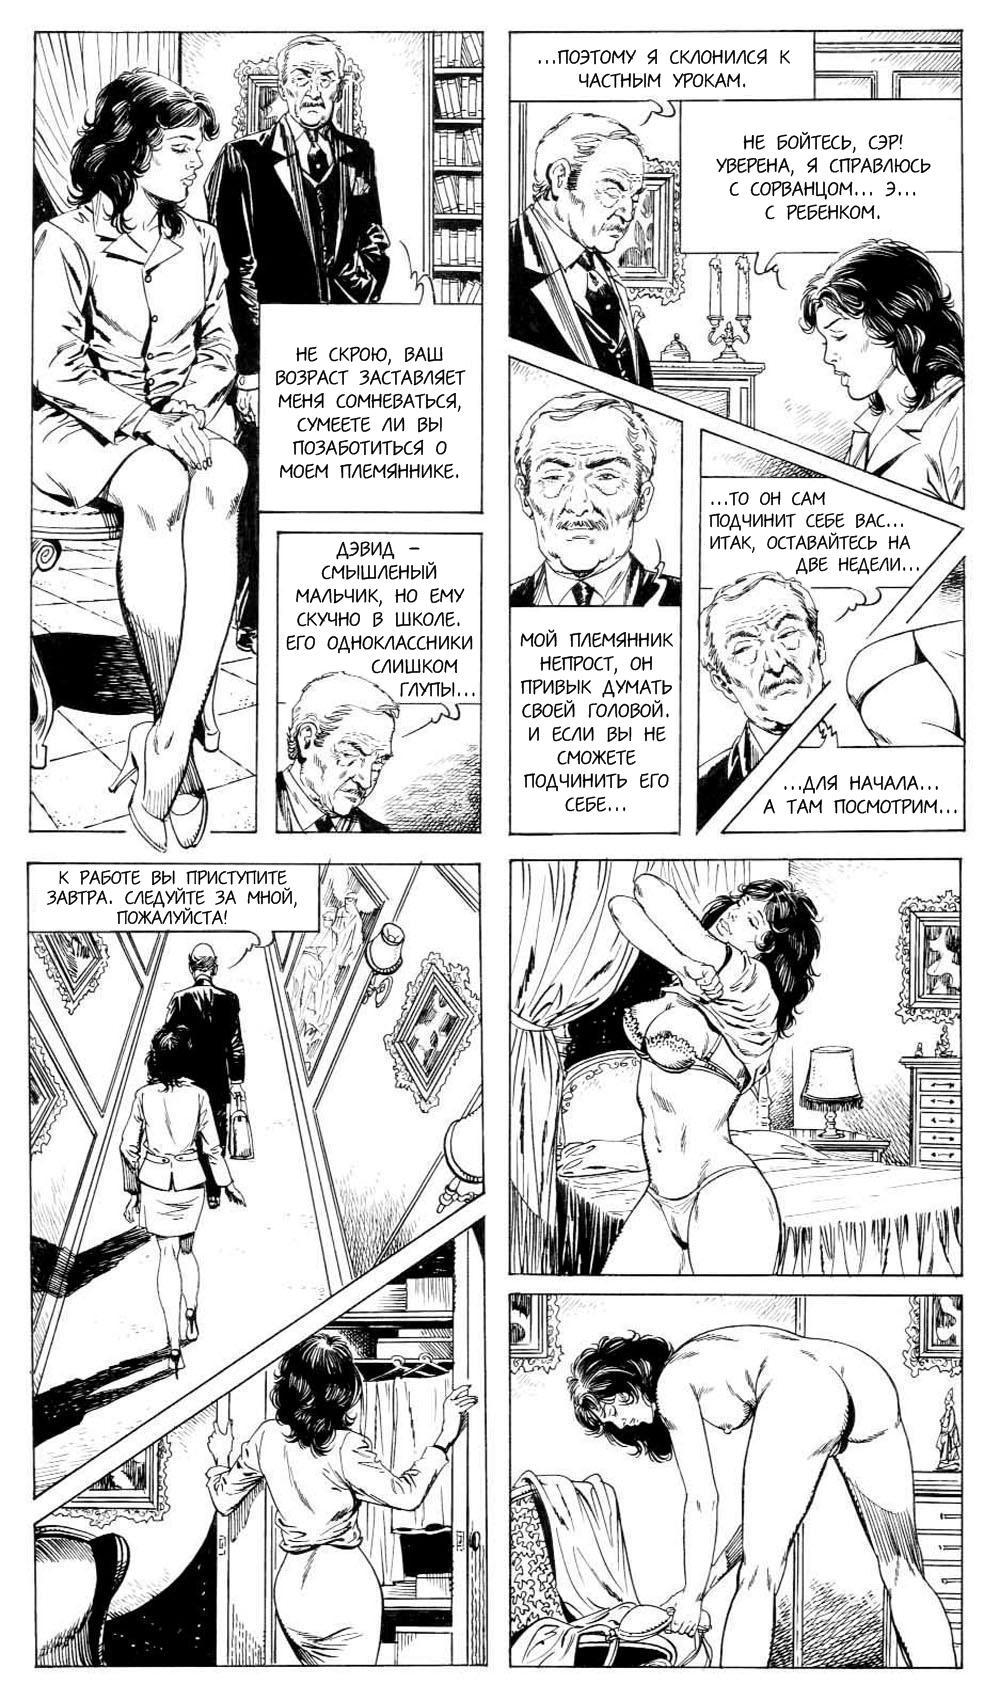 05   Порно комиксы онлайн на русском